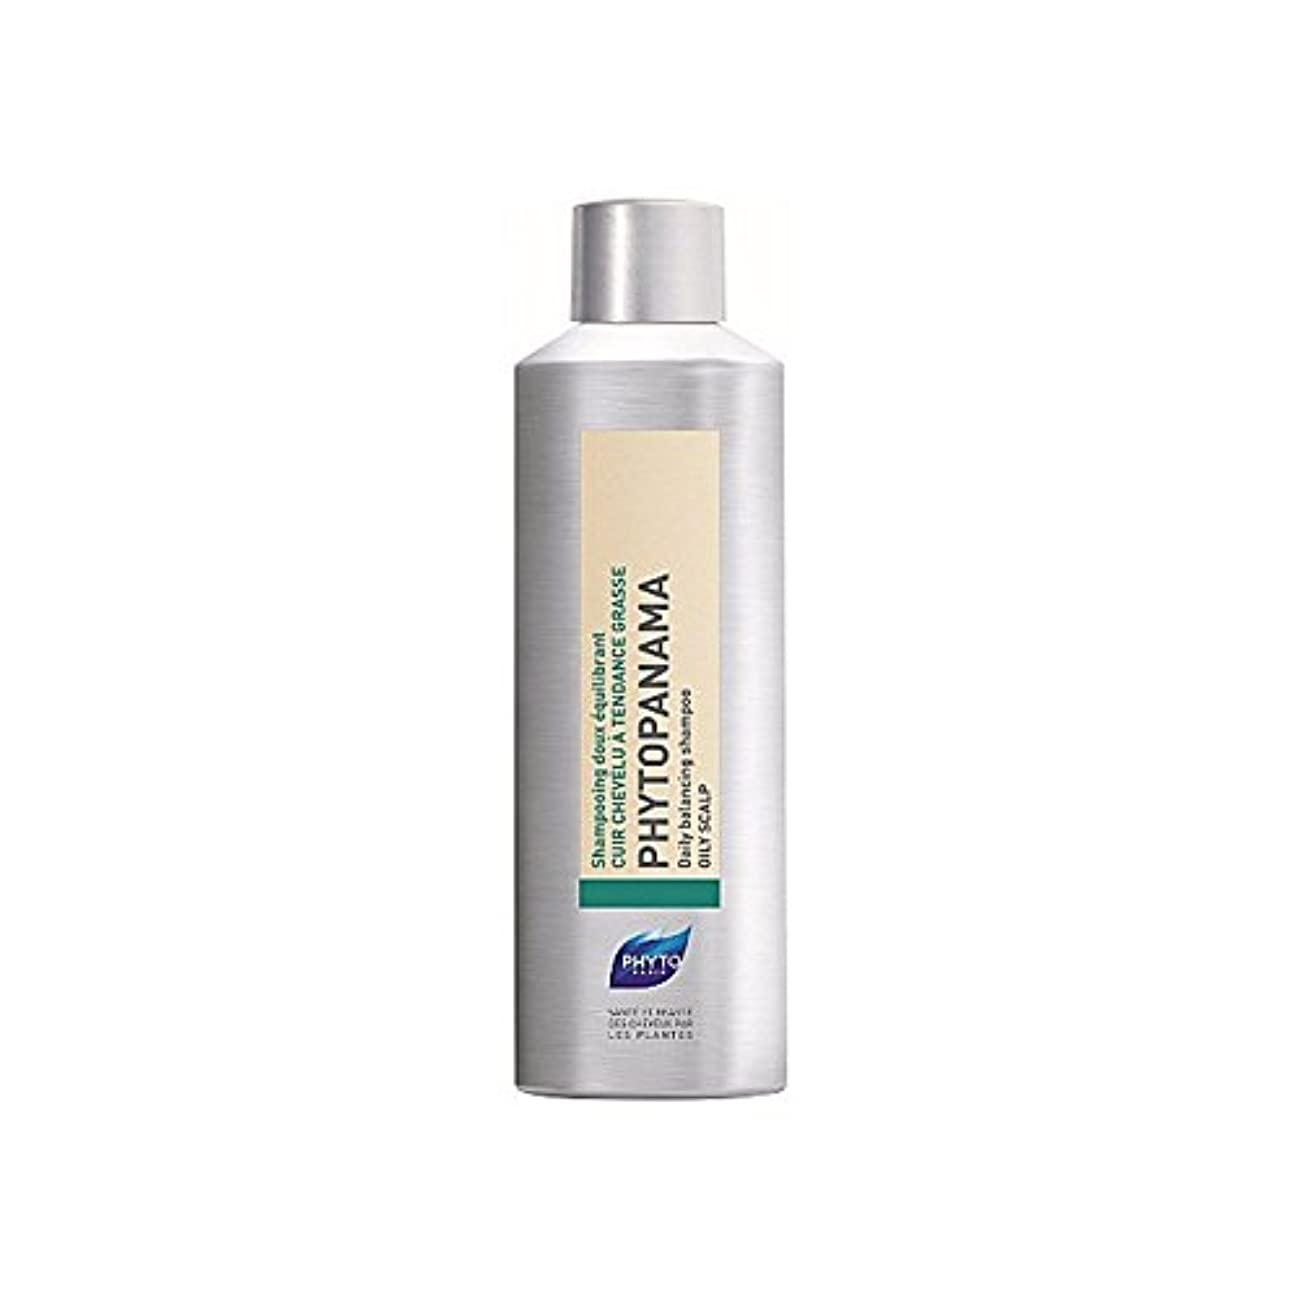 明確なビジュアル枢機卿フィトシャンプー200ミリリットル x4 - Phyto Phytopanama Shampoo 200ml (Pack of 4) [並行輸入品]